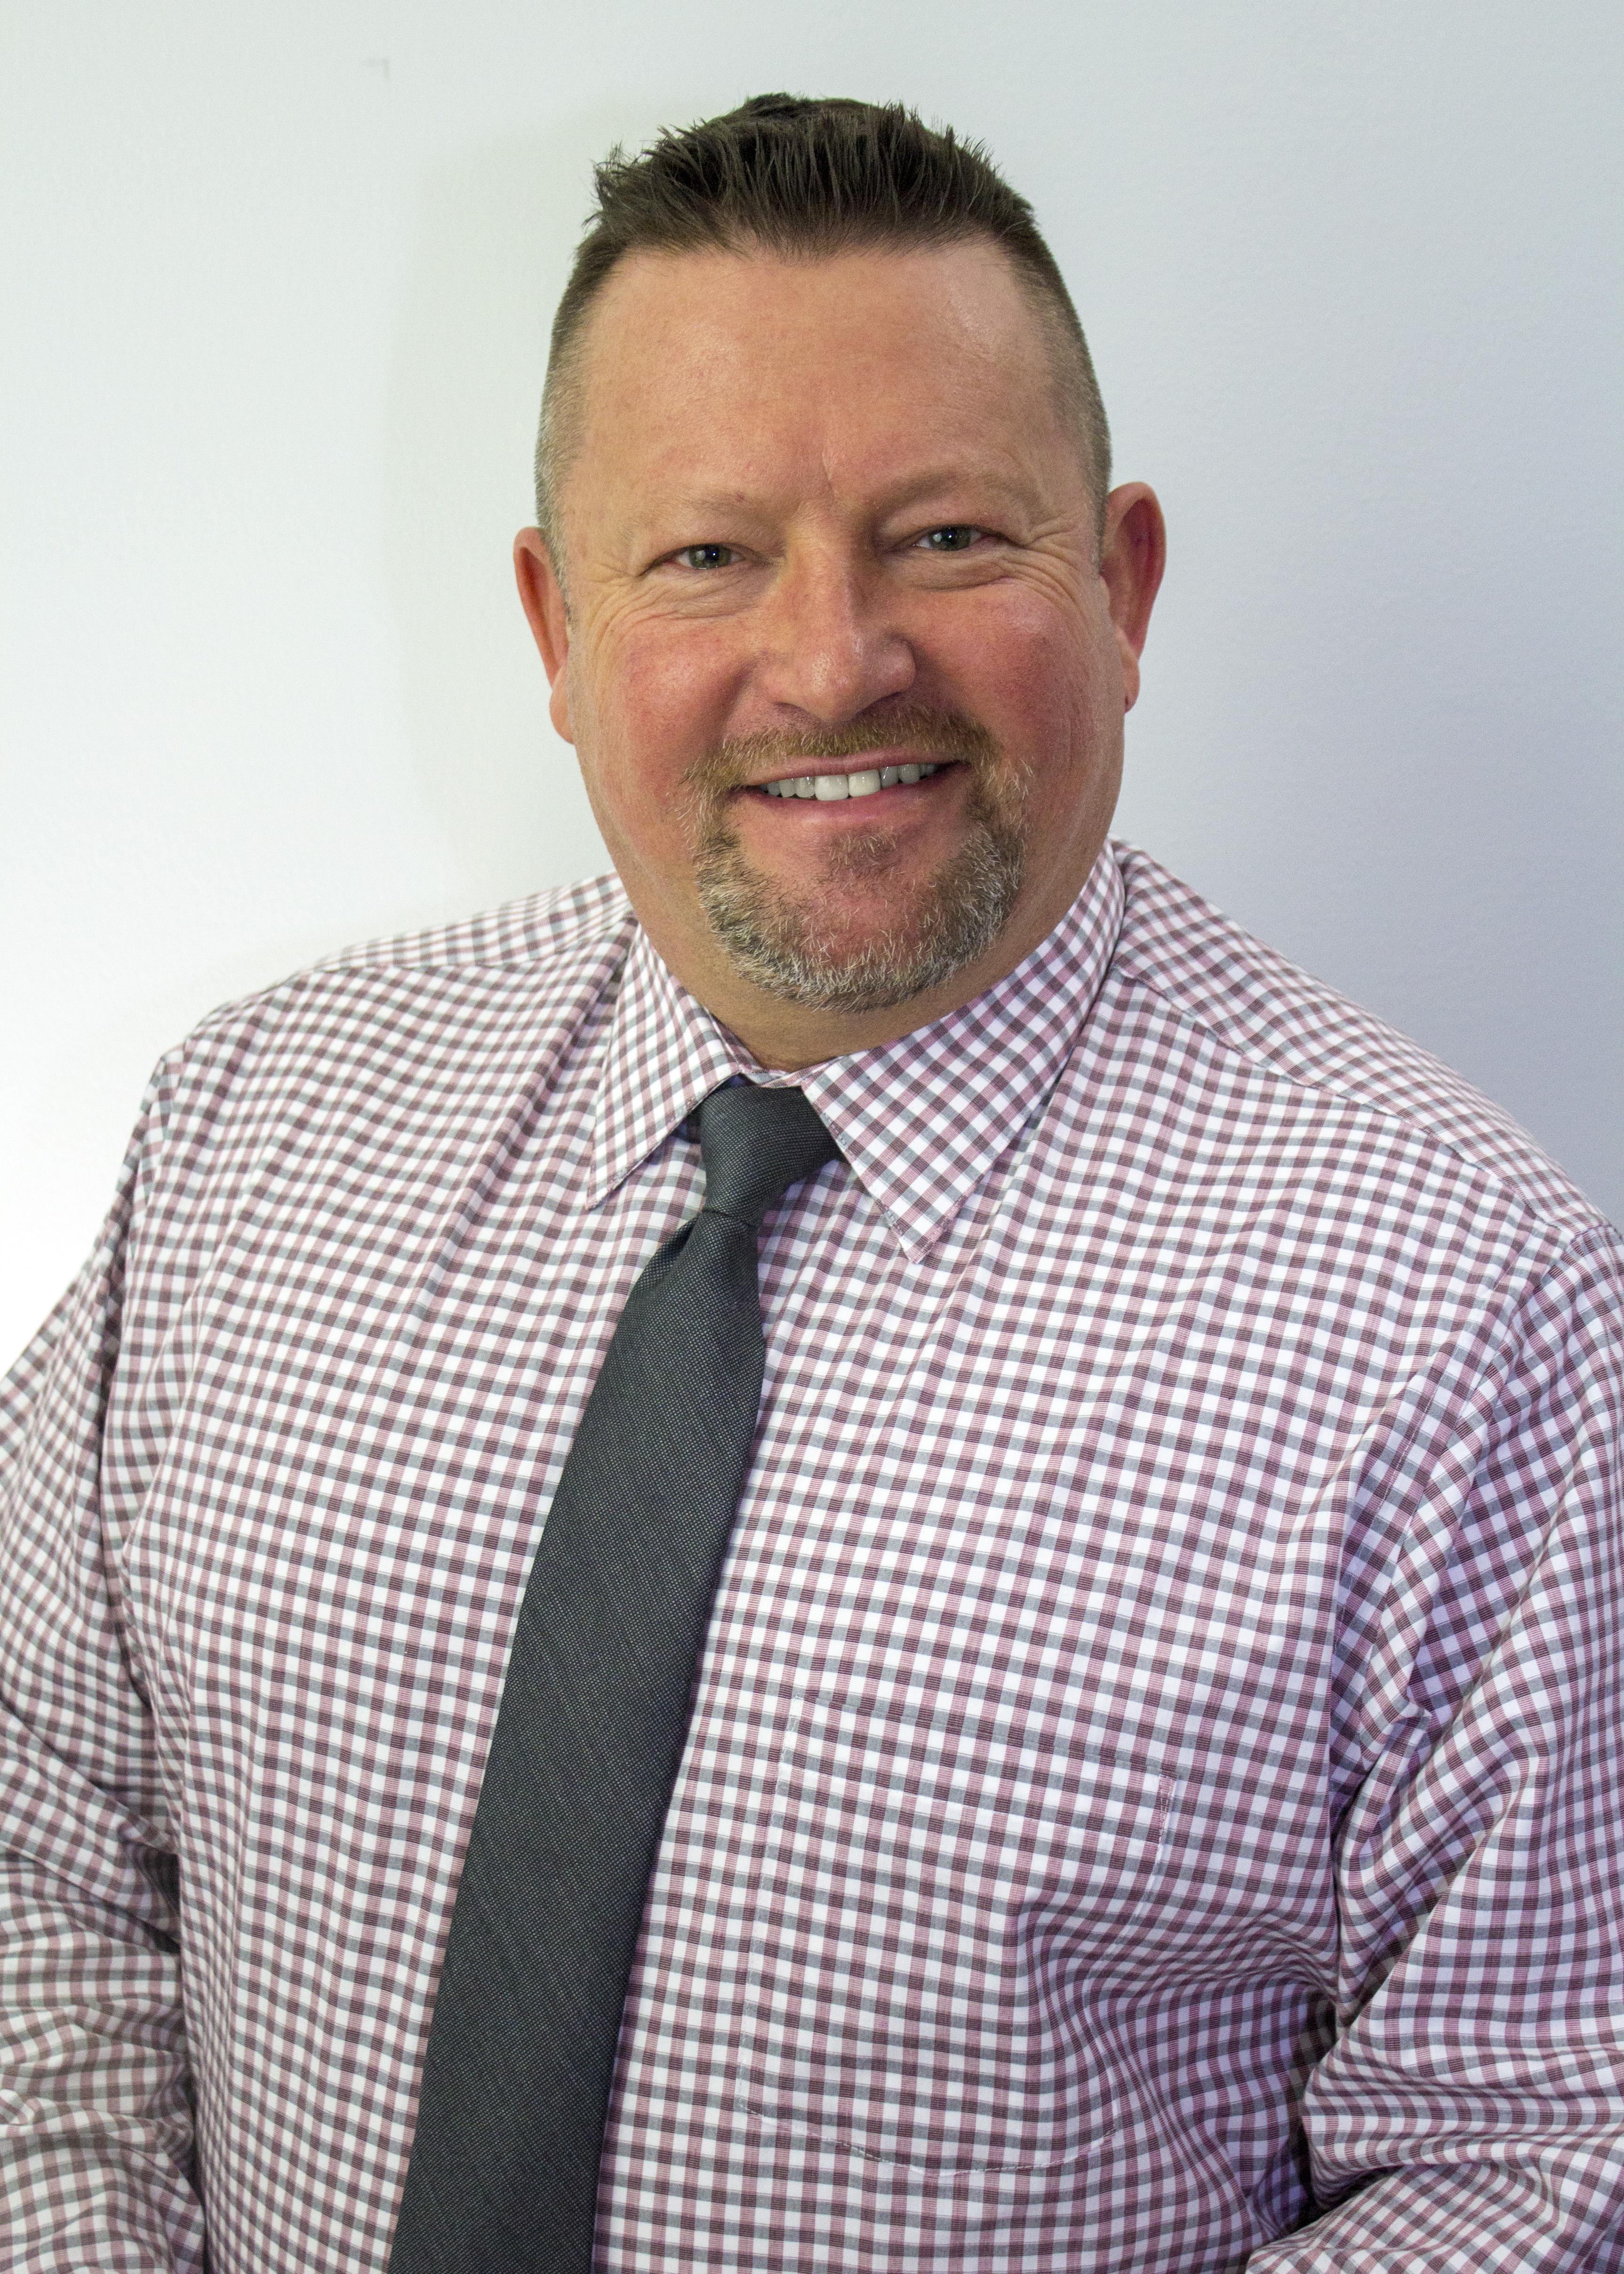 Randy Hone